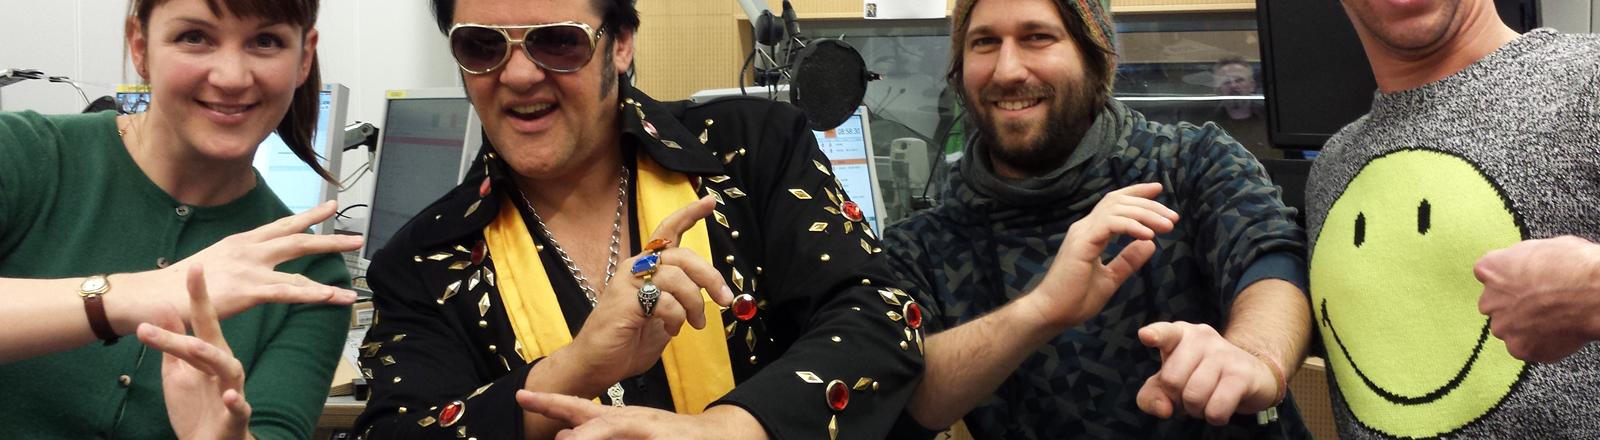 Schaum oder Haase lässt mit Elvis-Double Phil Dexter die Hüften kreisen.